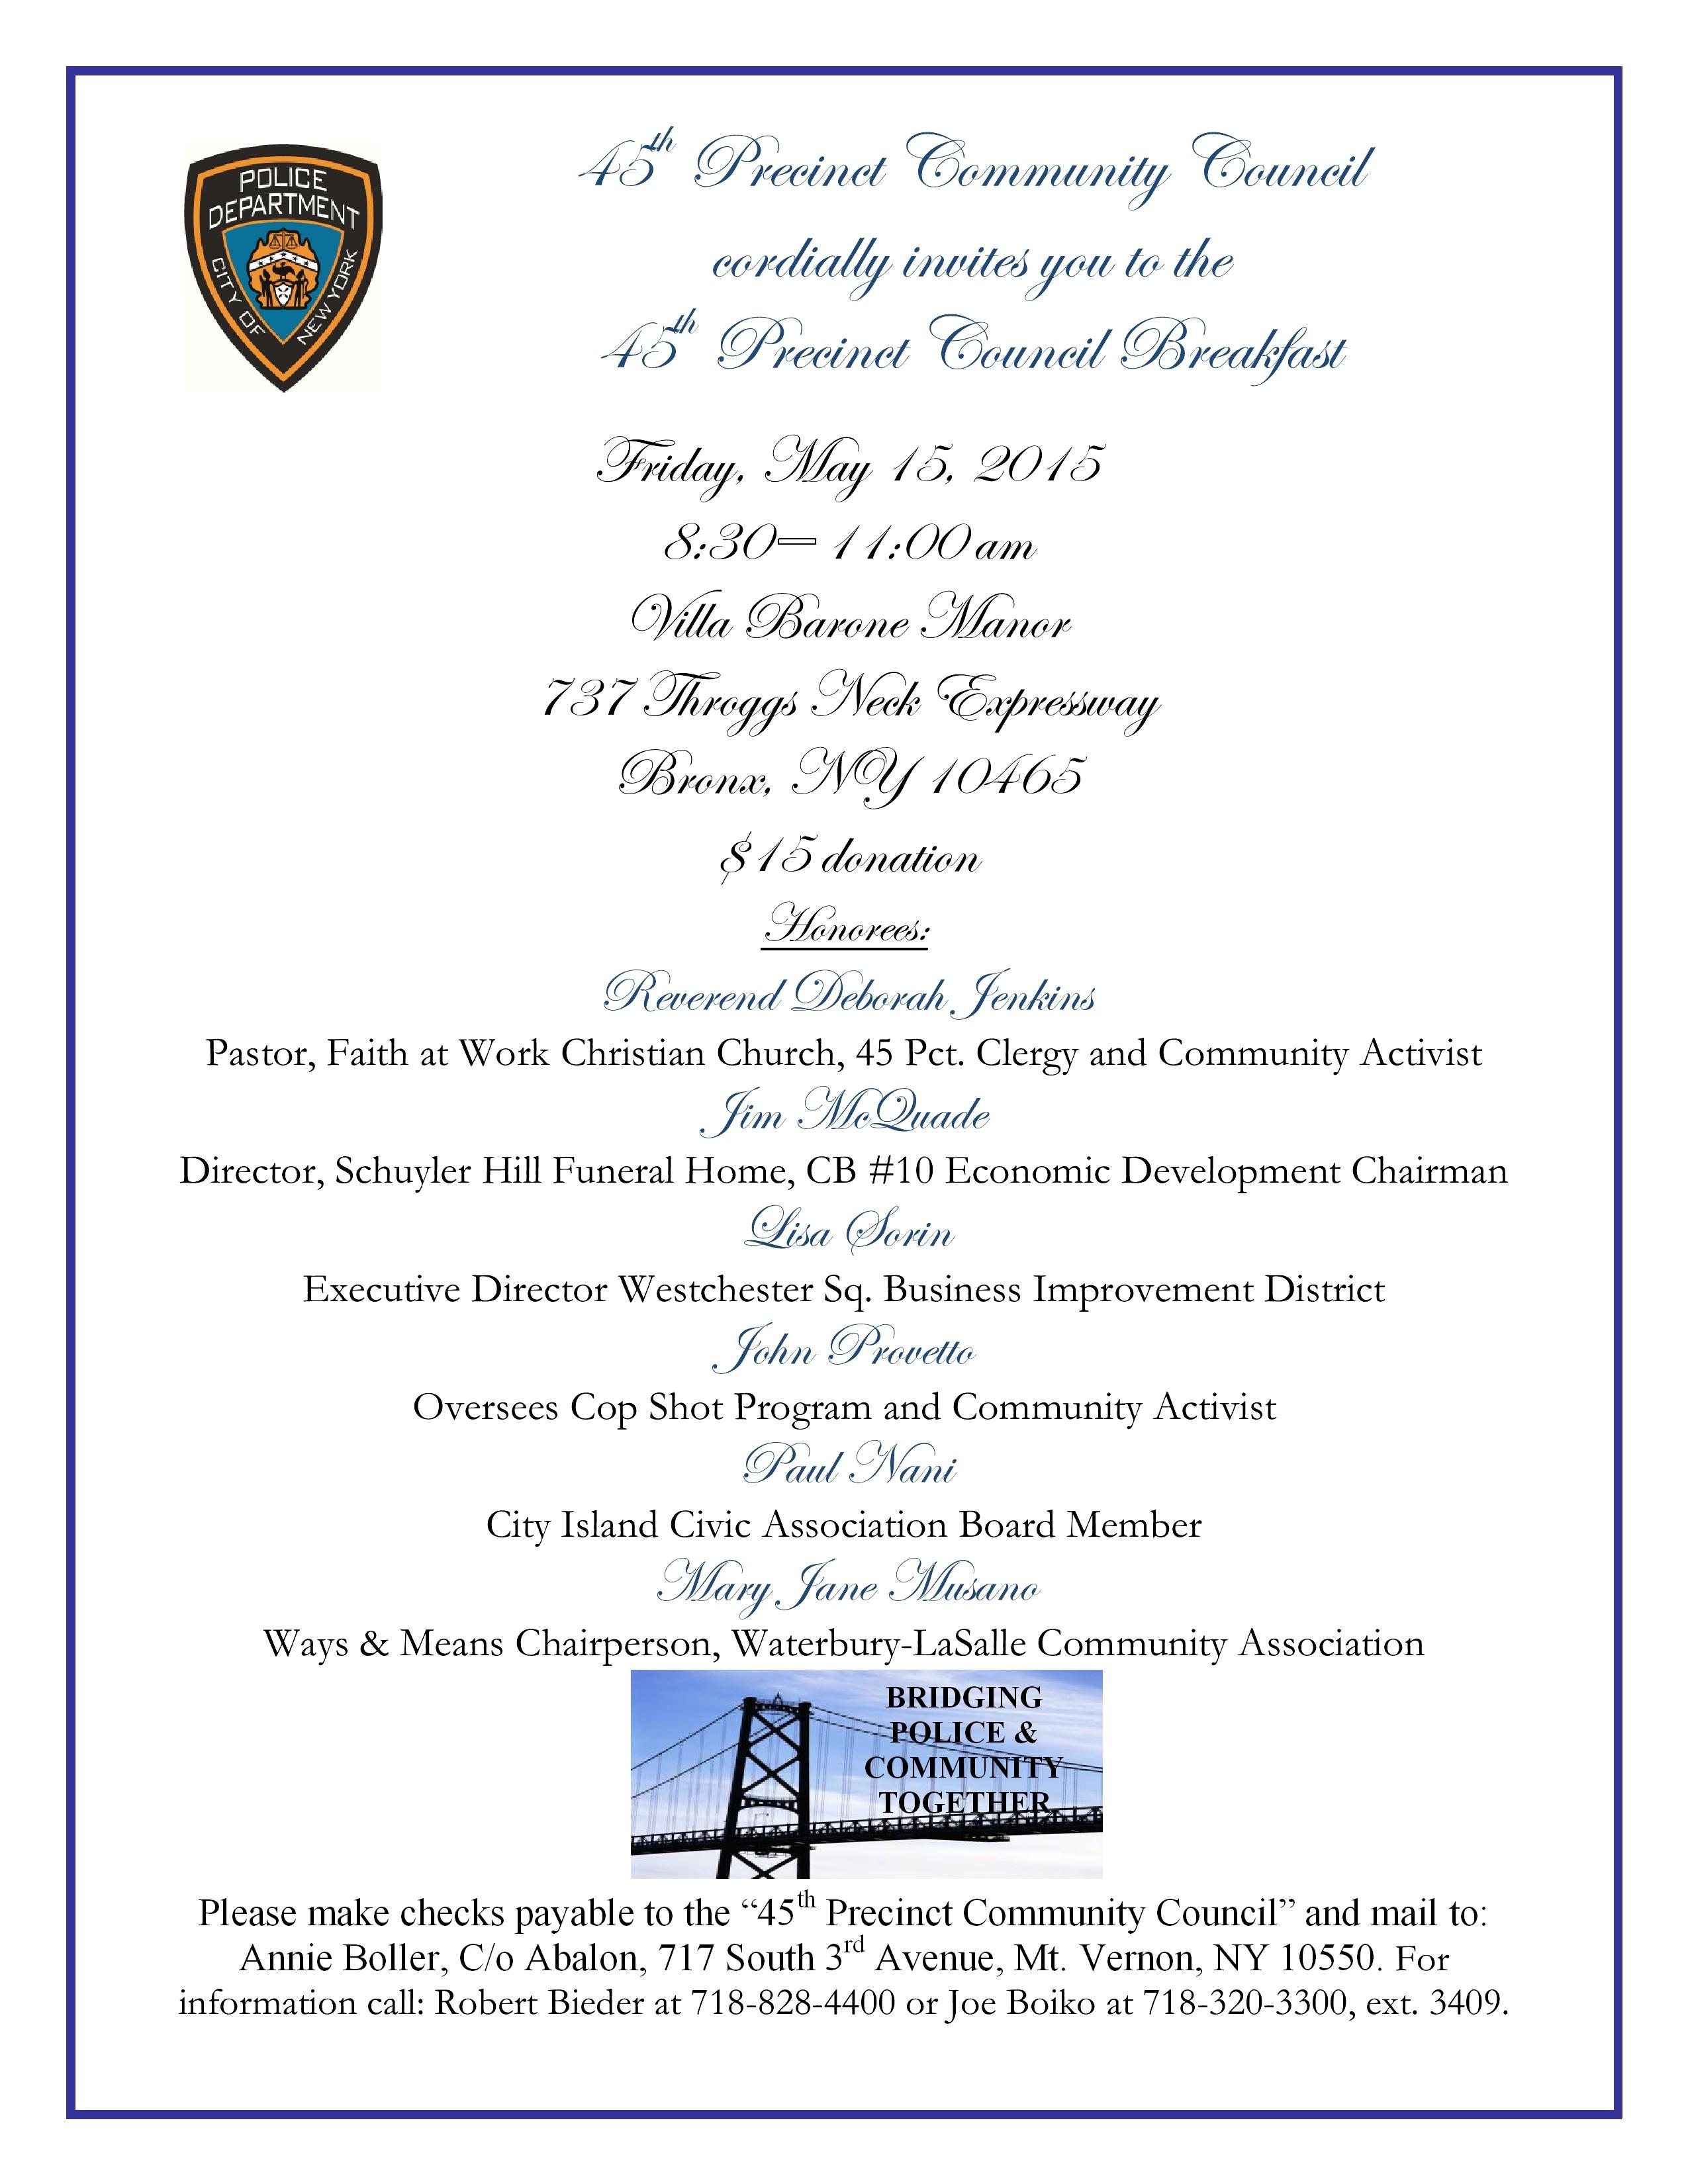 45th pct breakfast flyer 2015-001